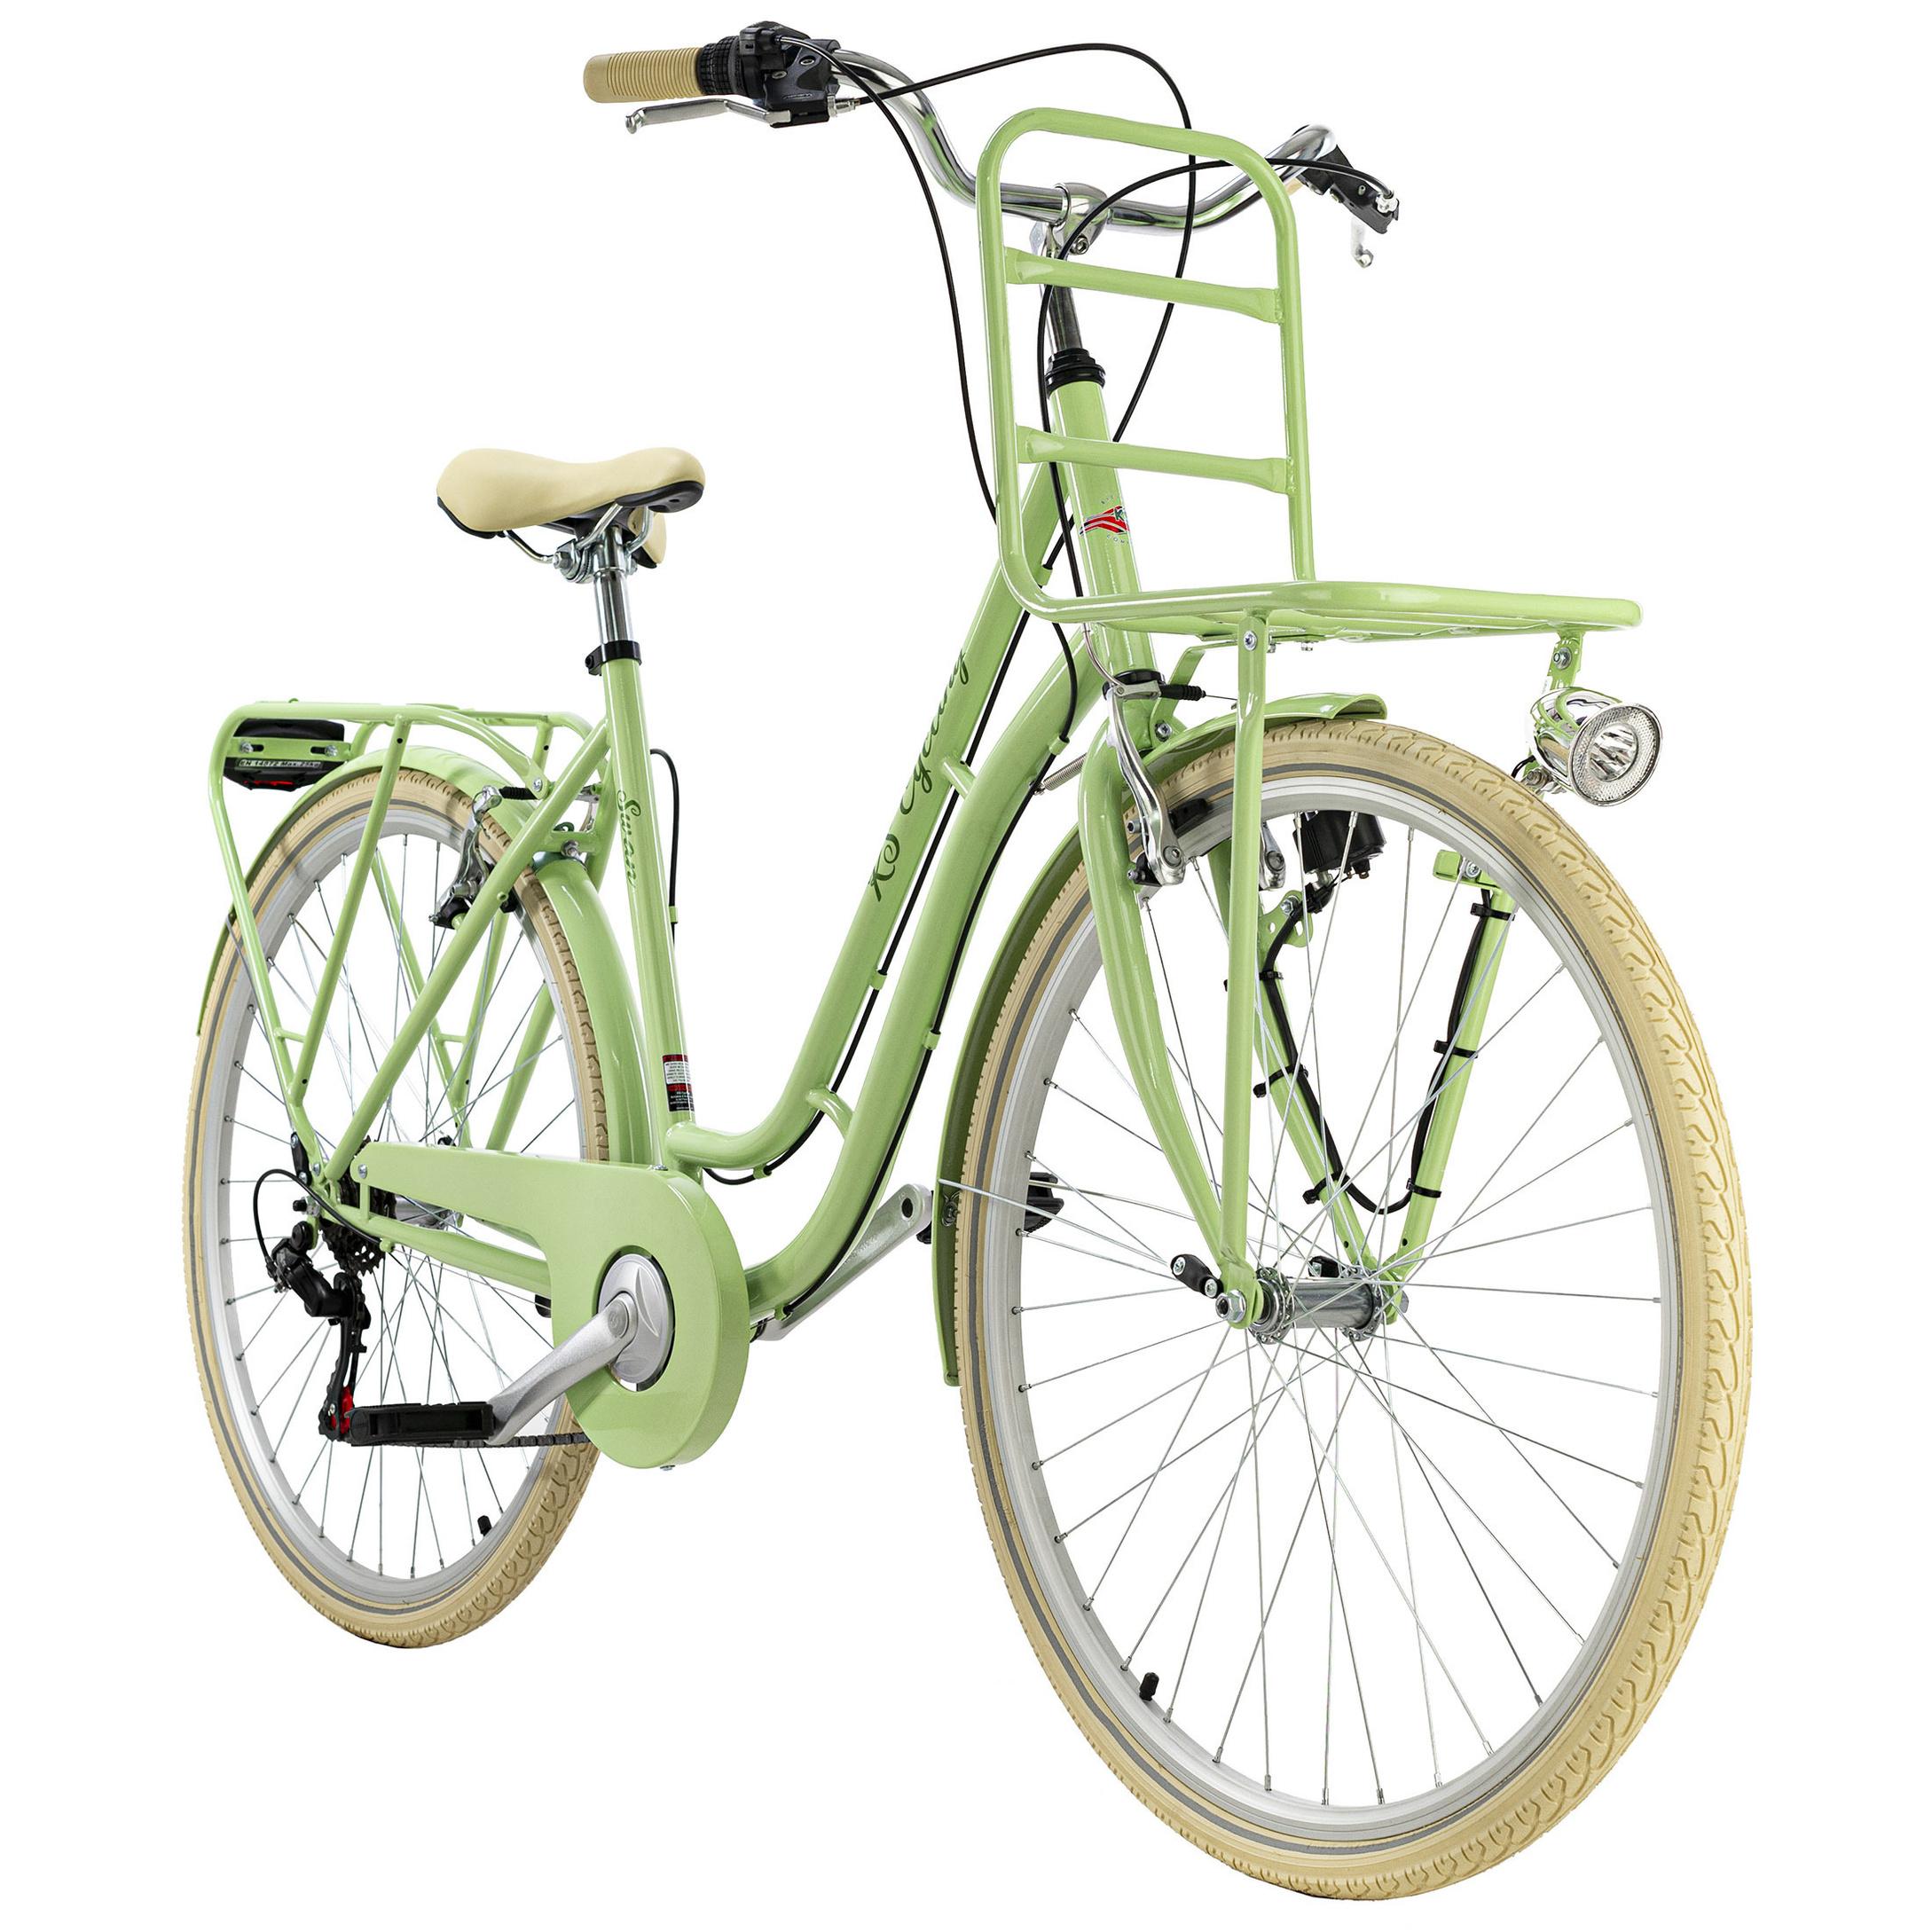 ks cycling cityrad 28 zoll swan 6-gänge (farbe: grün)